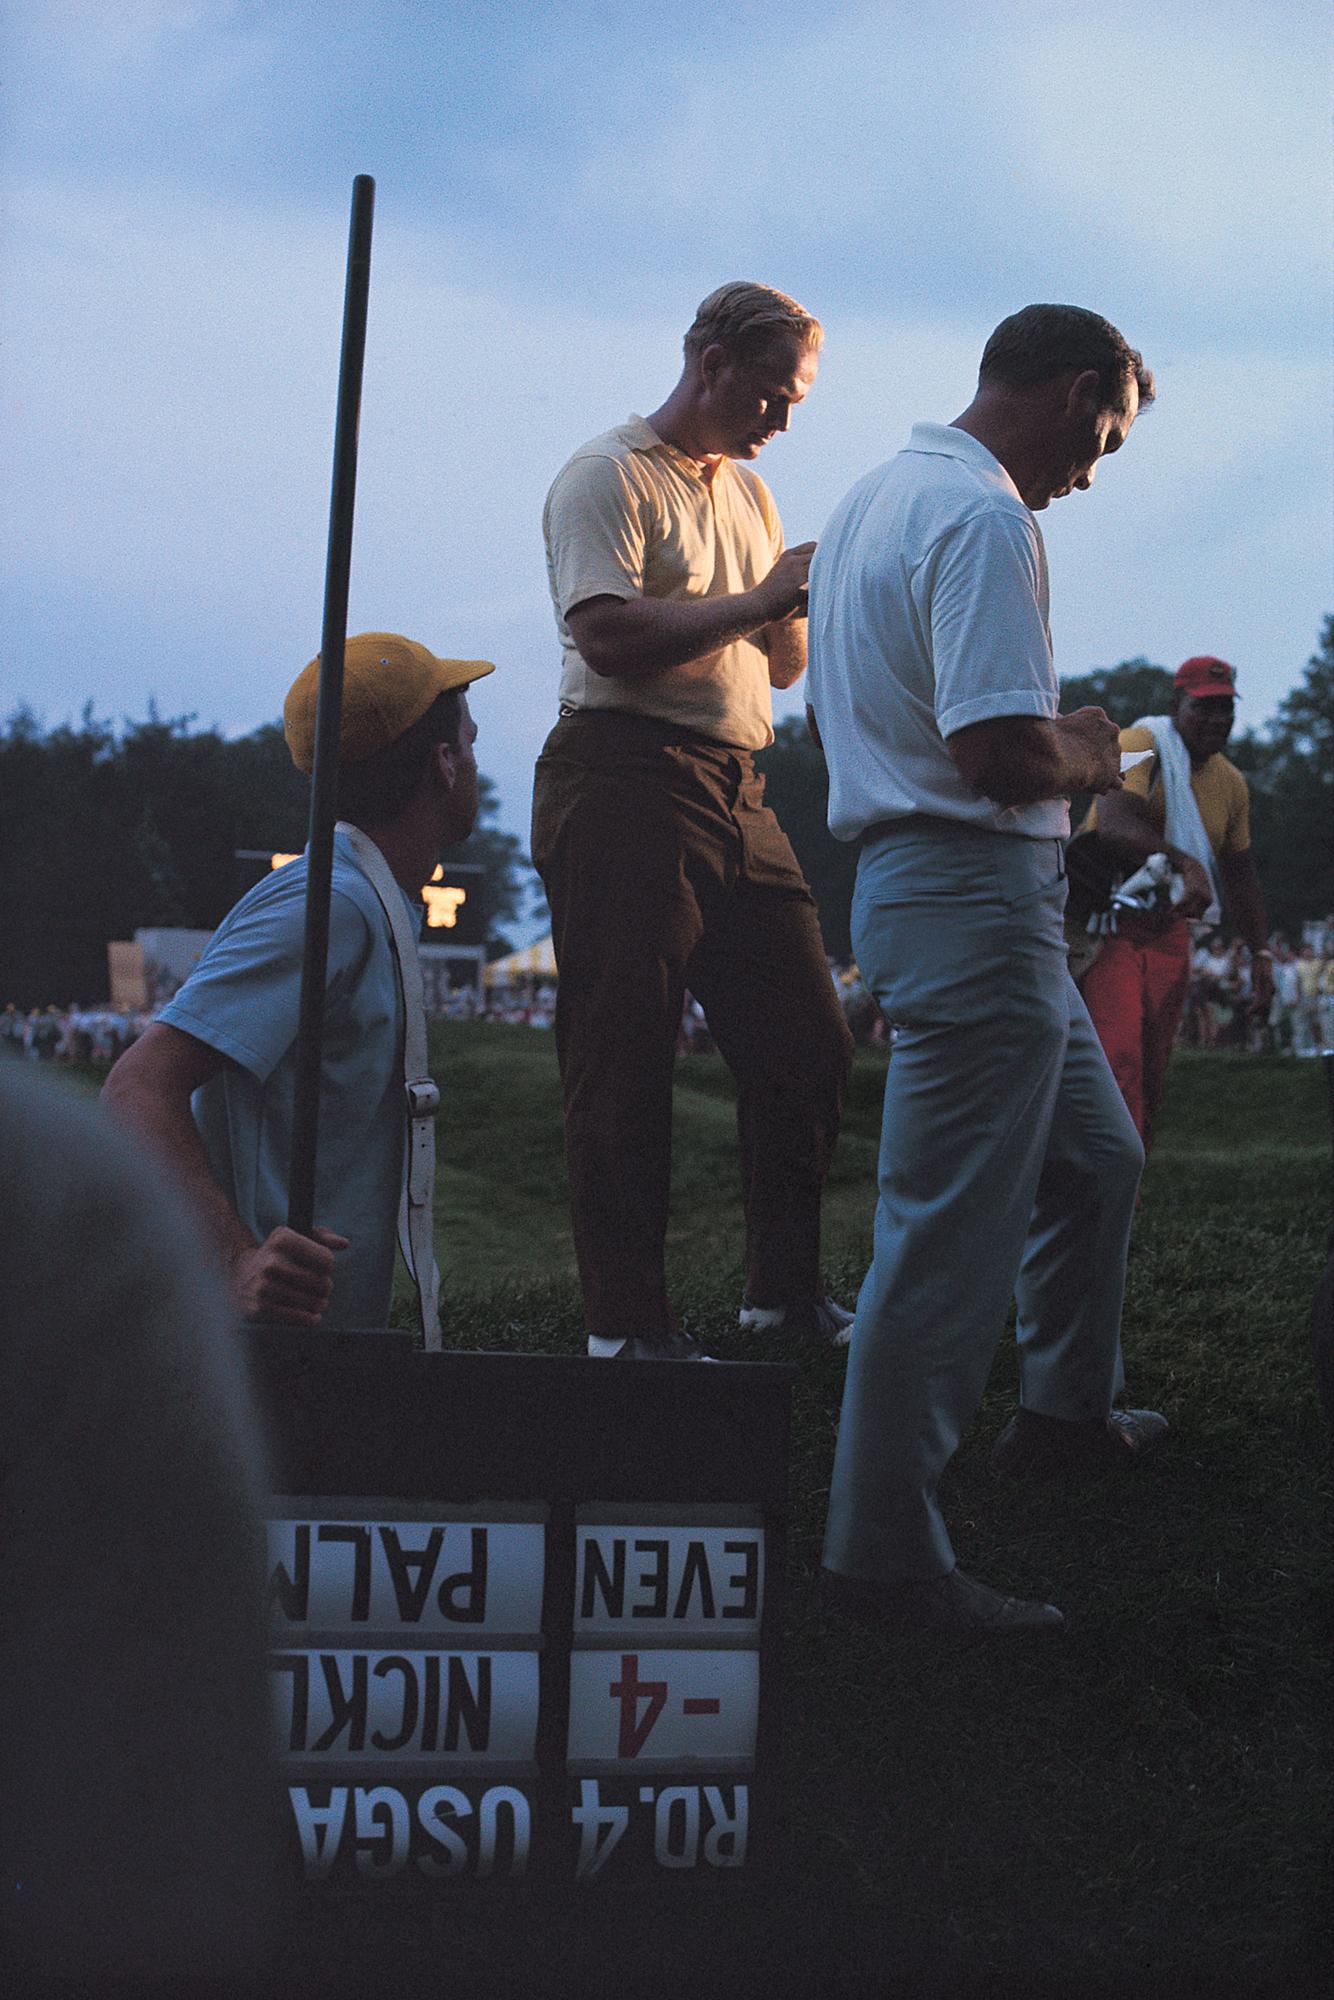 Jack Nicklaus & Arnold Palmer, 1967